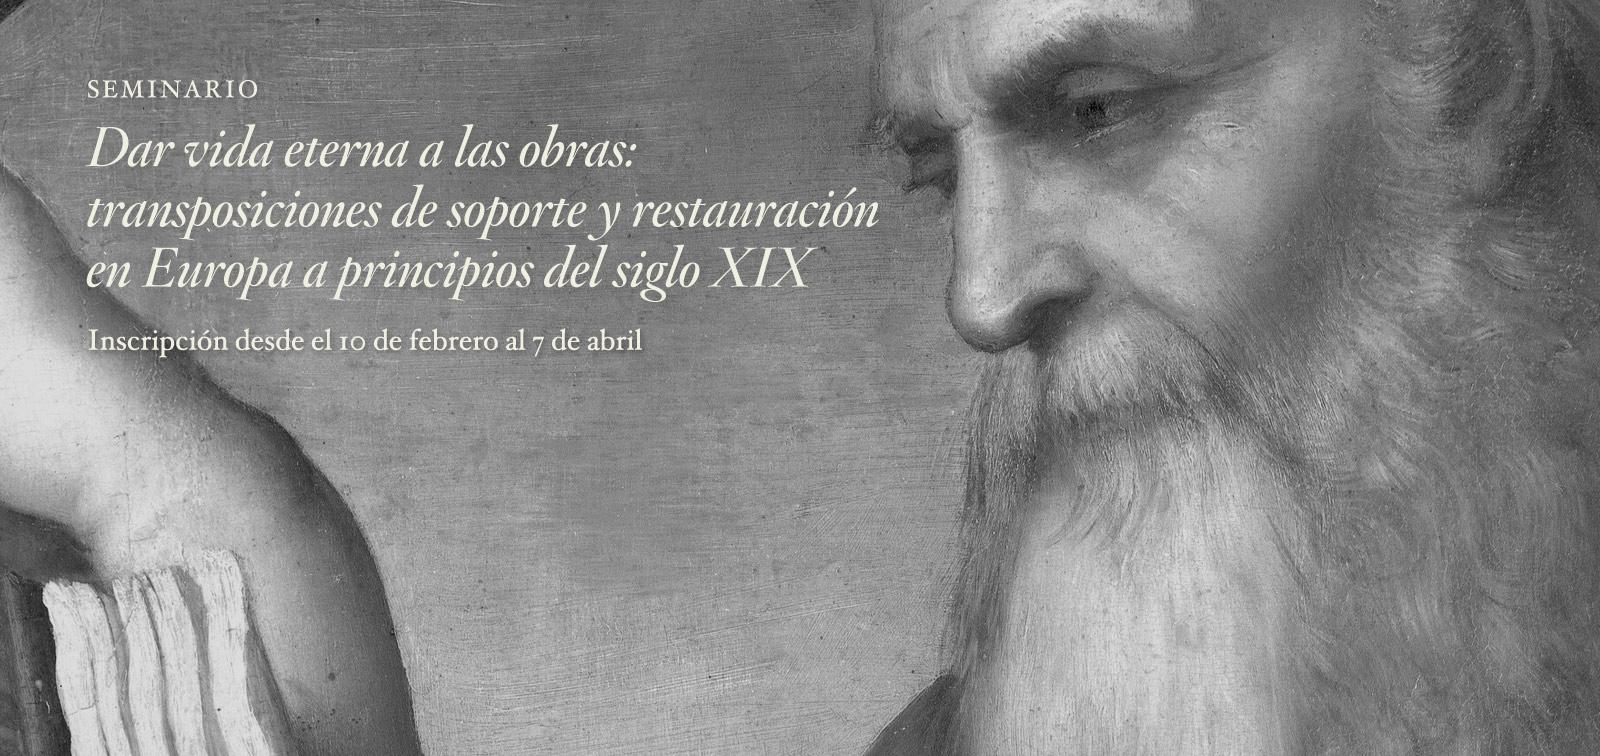 Seminario. Dar vida eterna a las obras: transposiciones de soporte y restauración en Europa a principios del siglo XIX